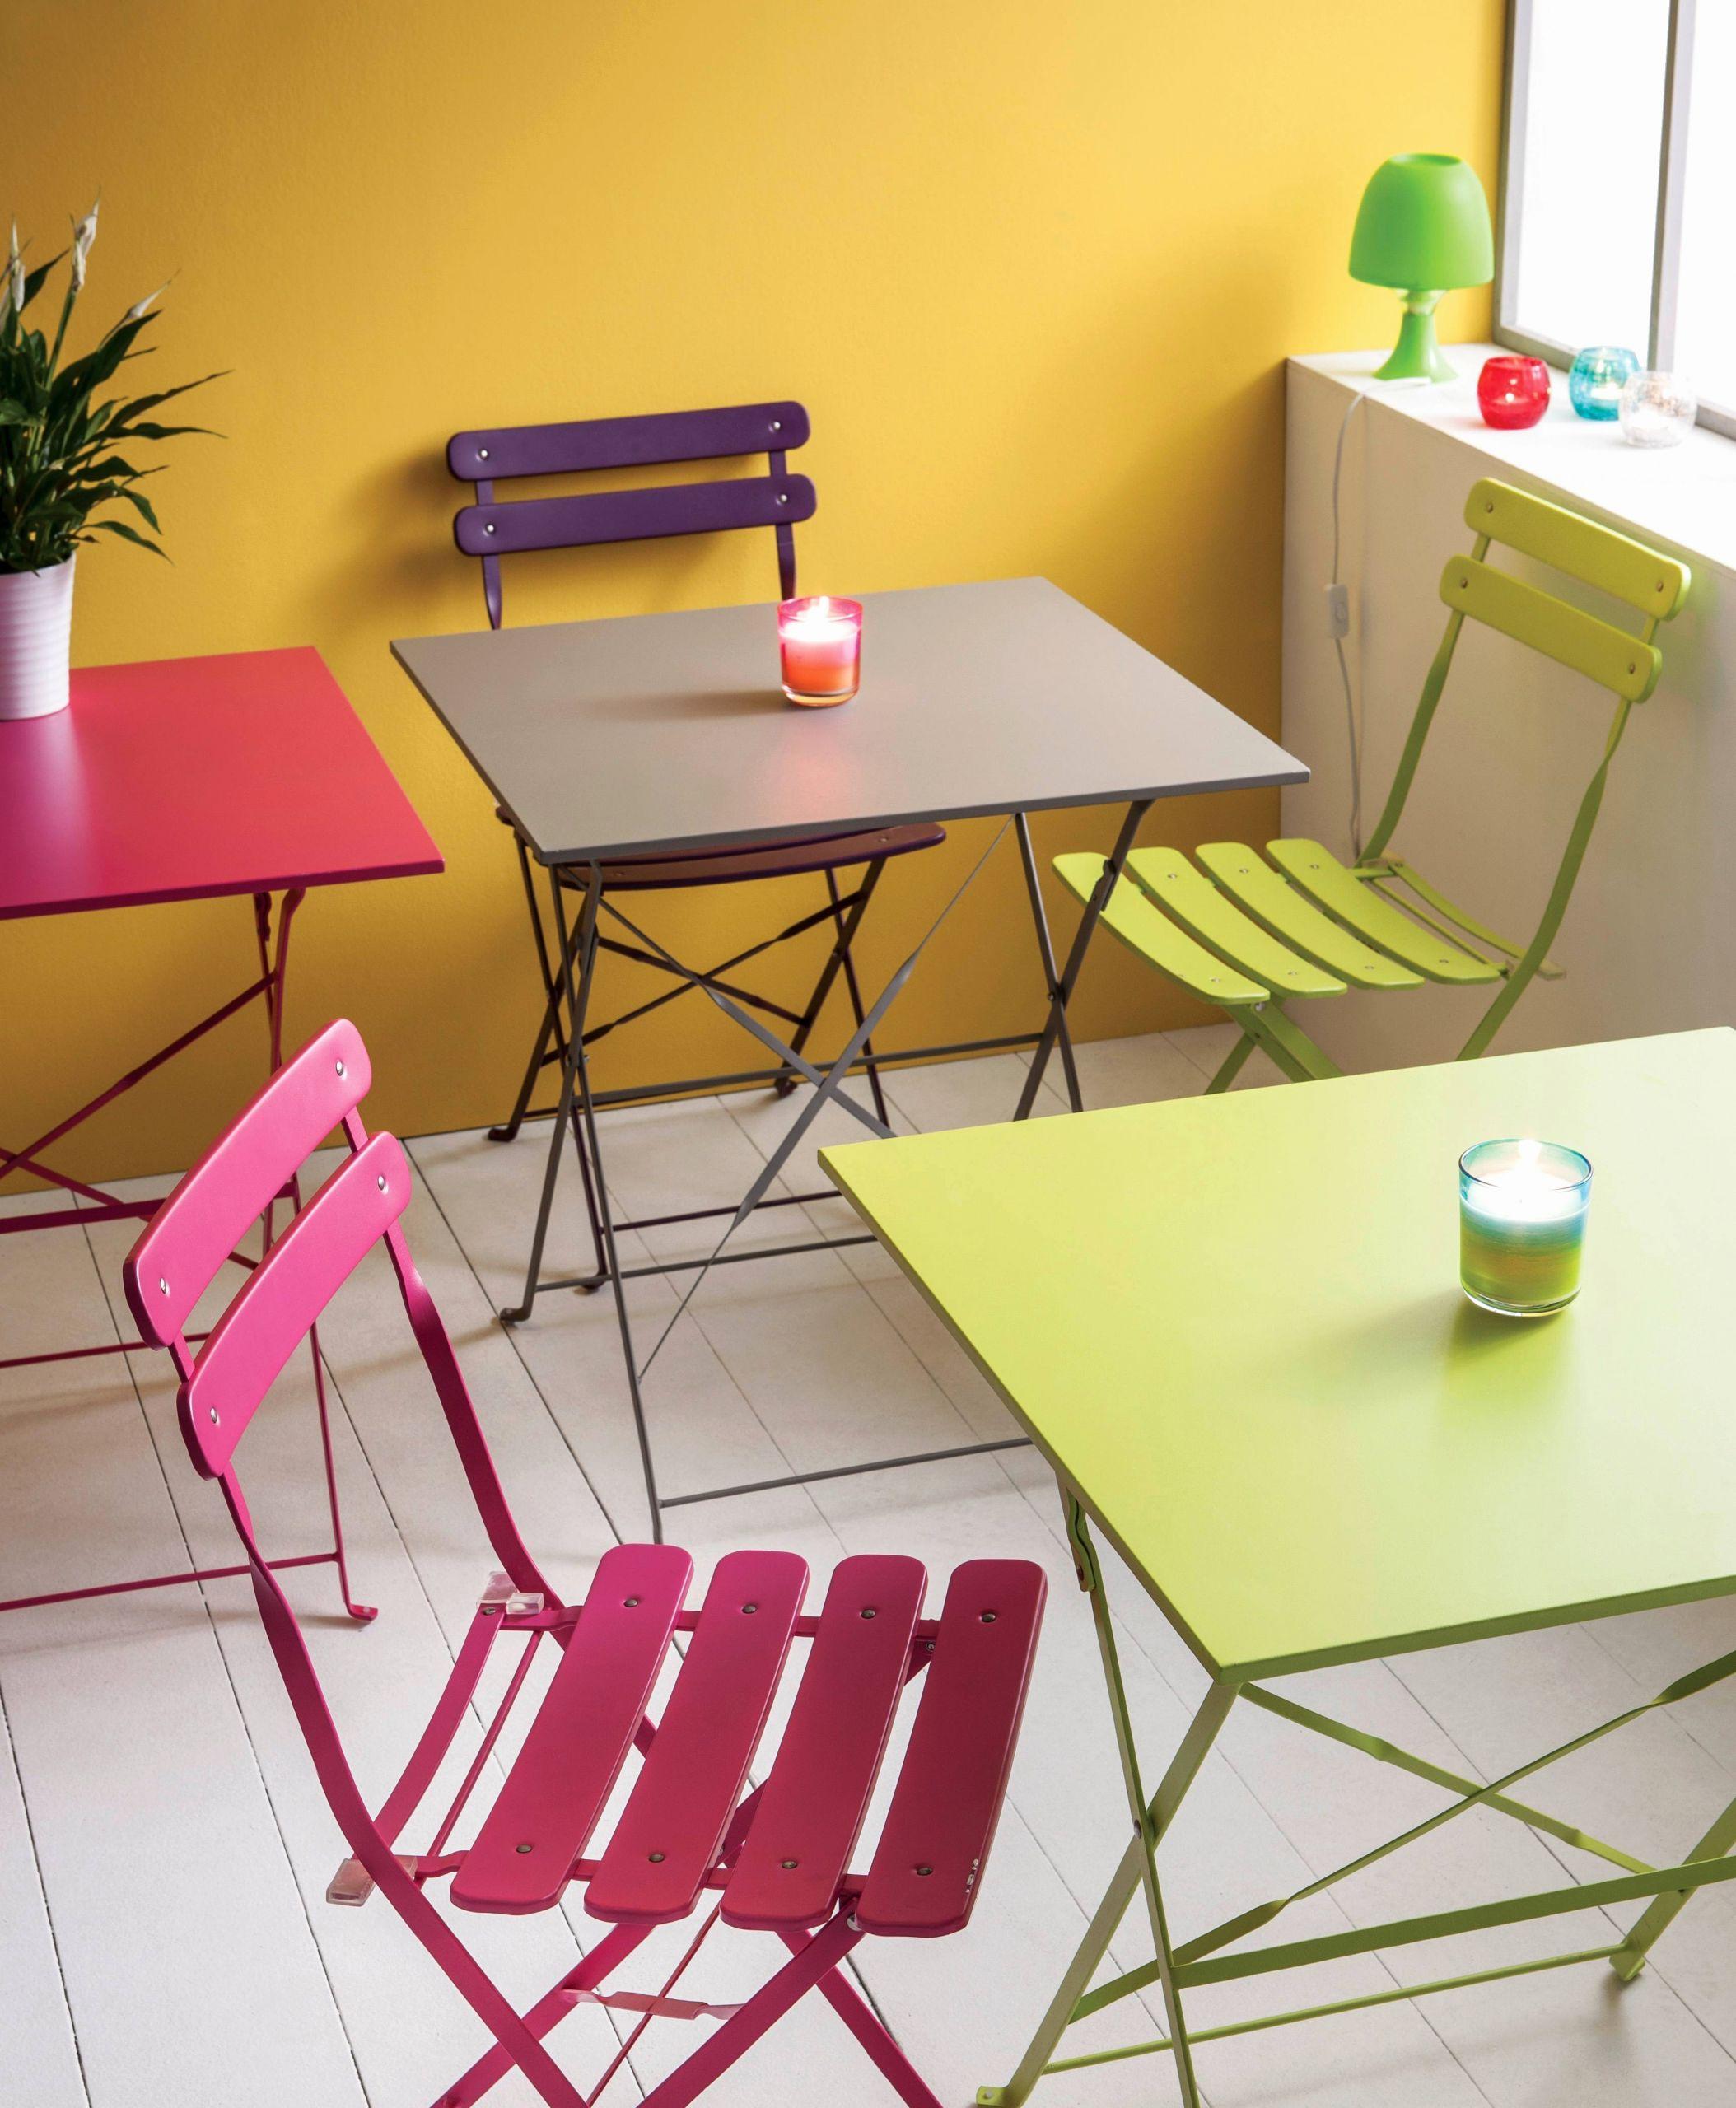 salon de jardin pas cher carrefour gracieux table balcon accrocher en verre trempe chaise pliante en acier of salon de jardin pas cher carrefour